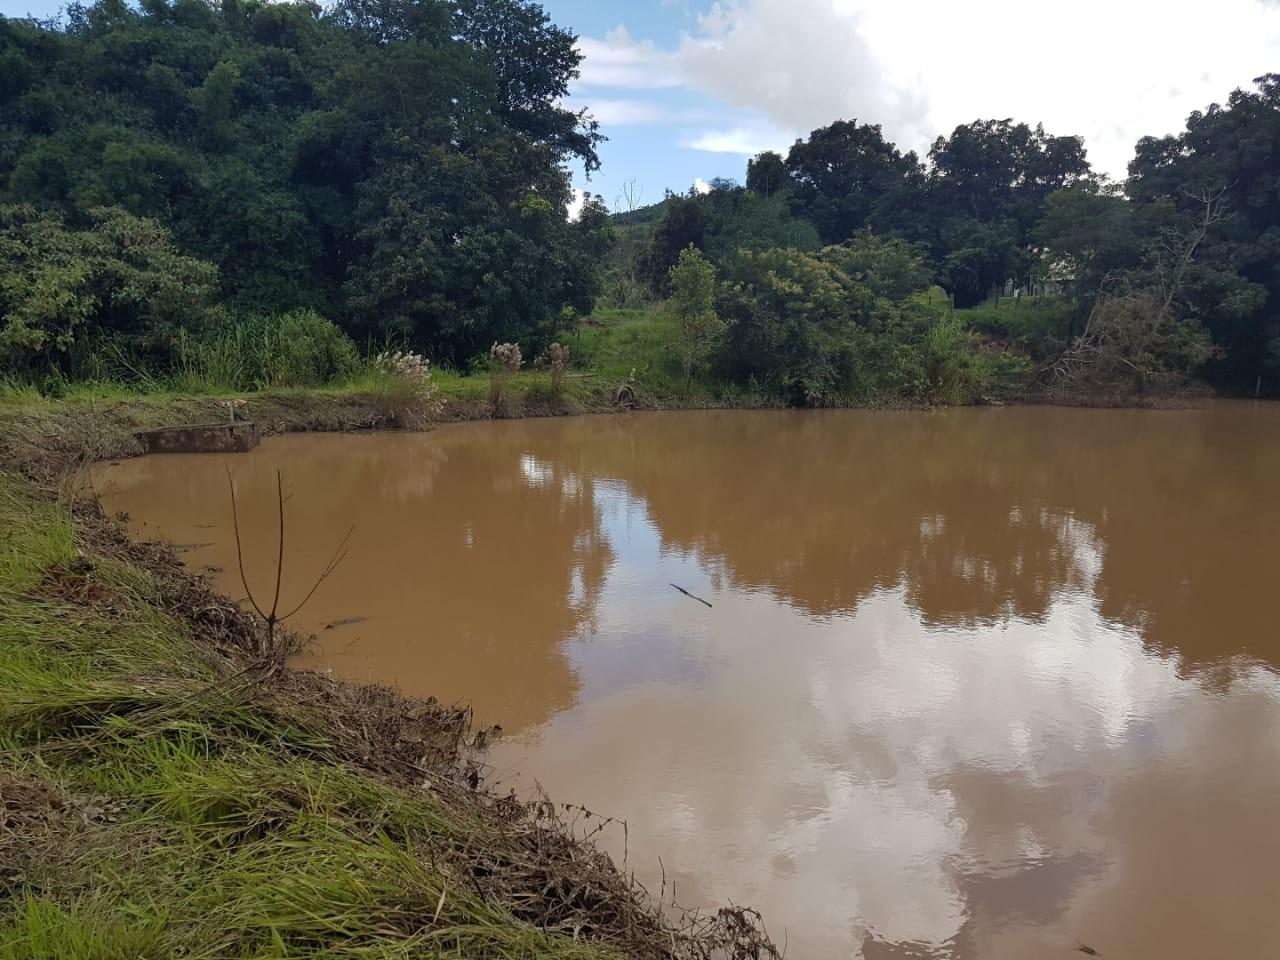 Por risco de rompimento em represa, famílias são retiradas de casas em Florestal, na Grande BH